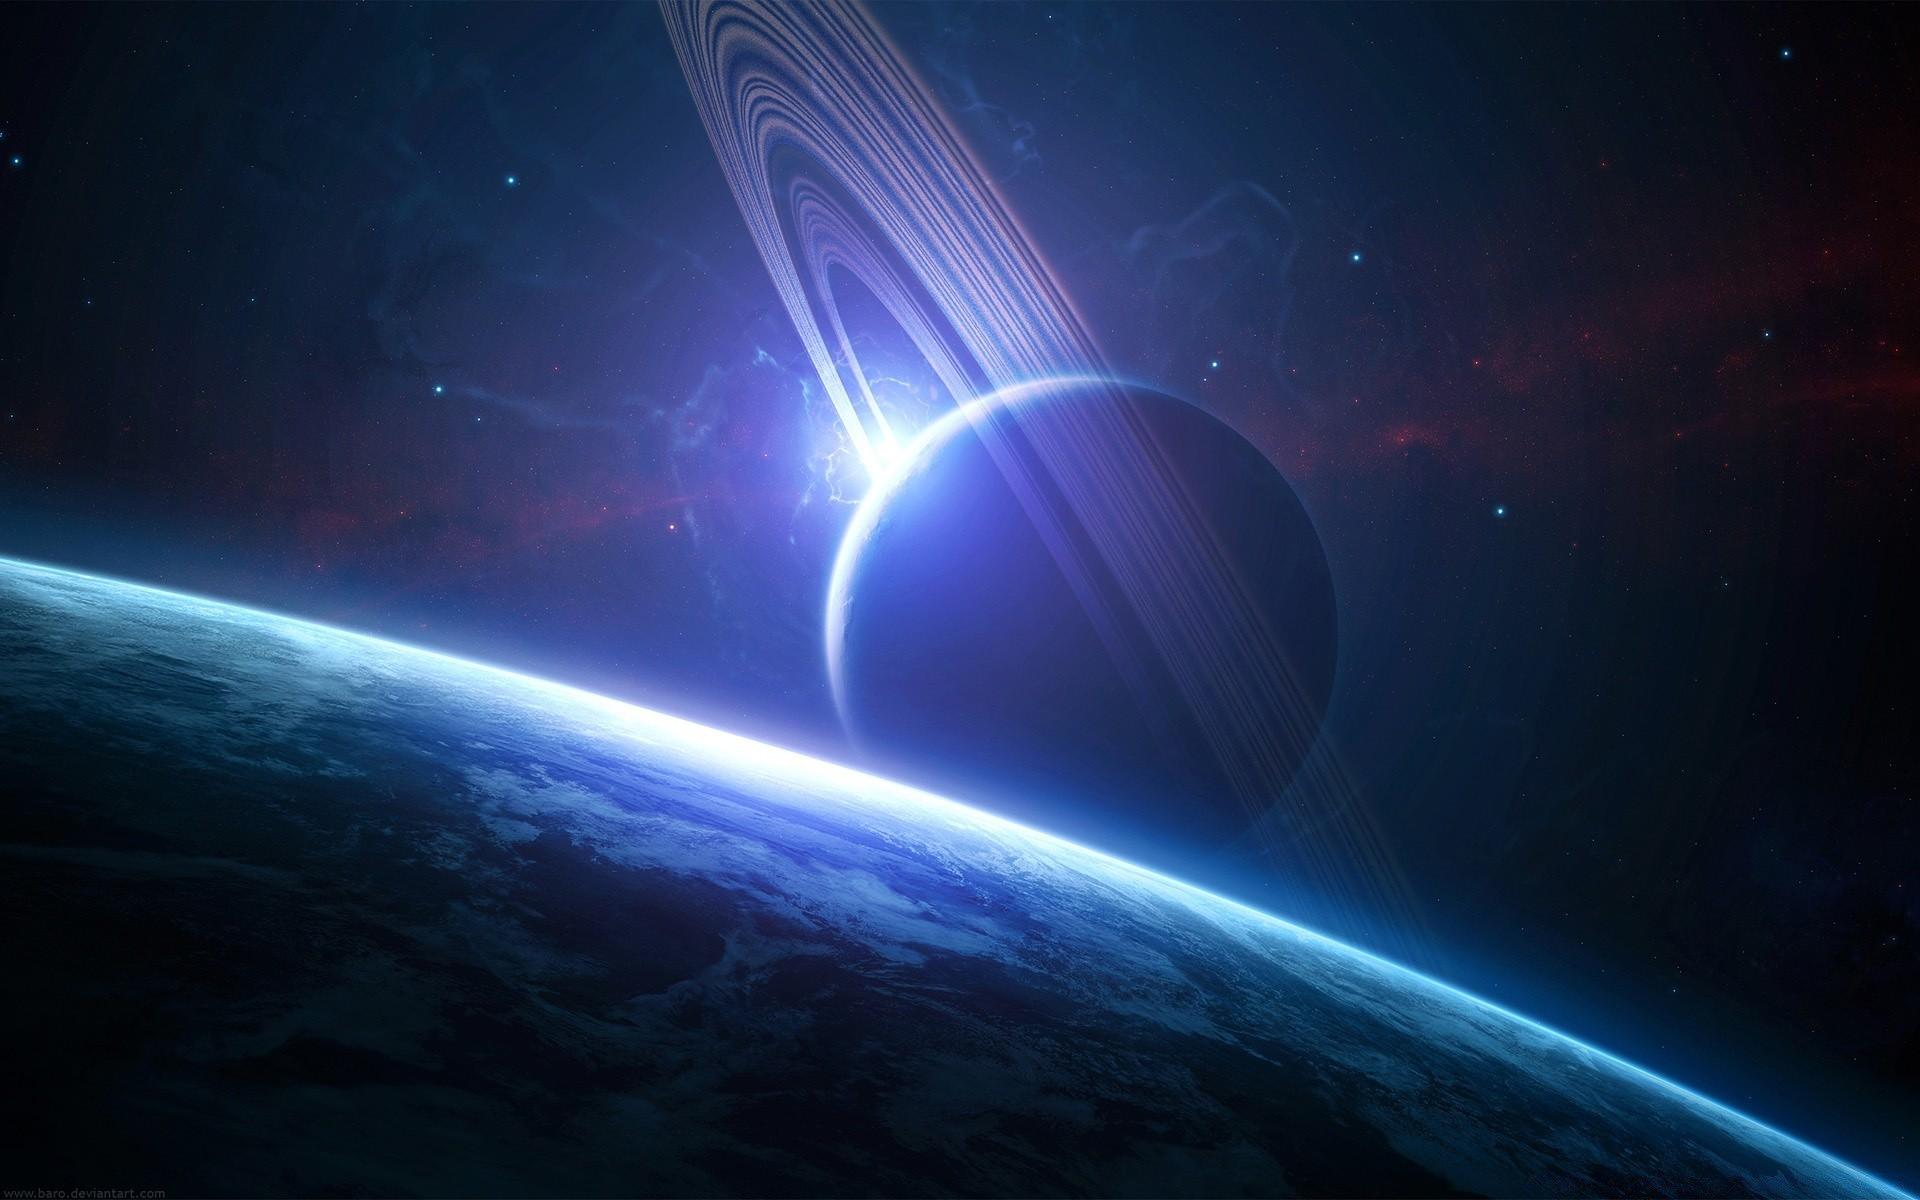 Картинки космоса на комп